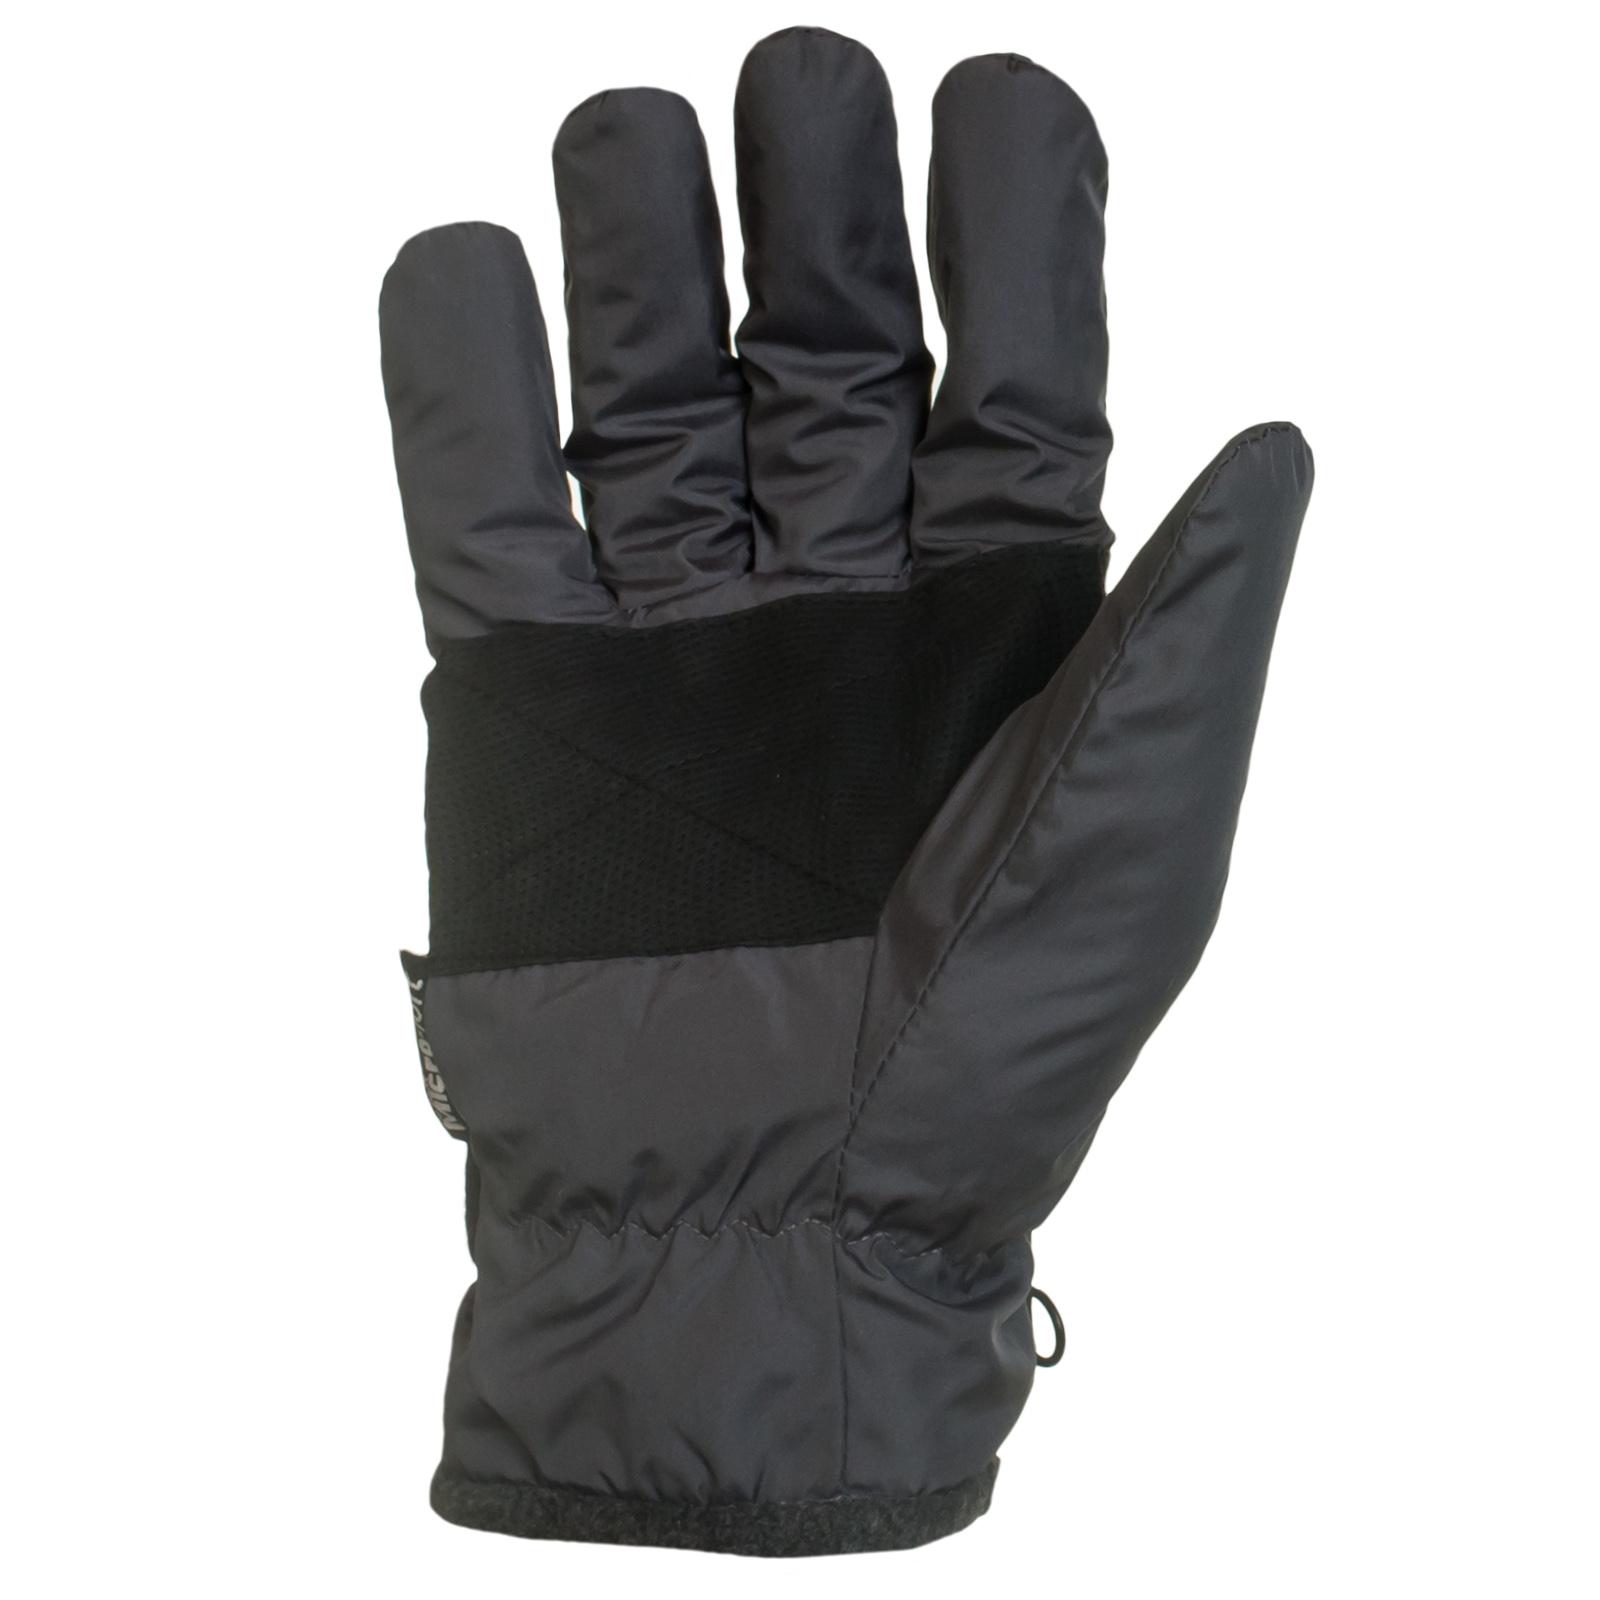 Купить эксклюзивные перчатки с фиксатором на запястье оптом или в розницу